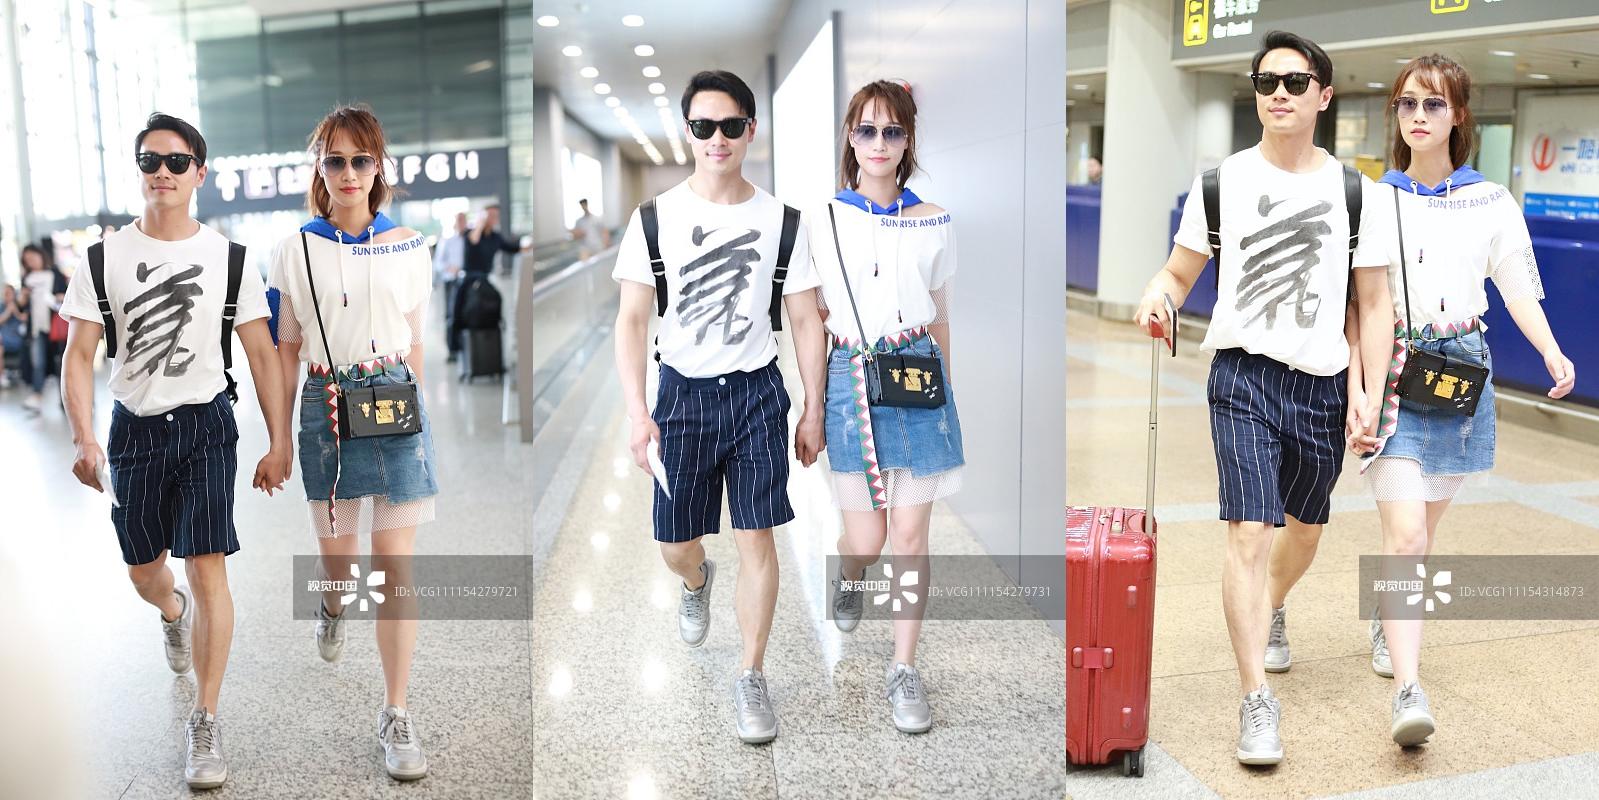 李宇春运动风混搭太帅,机场都变篮球场!